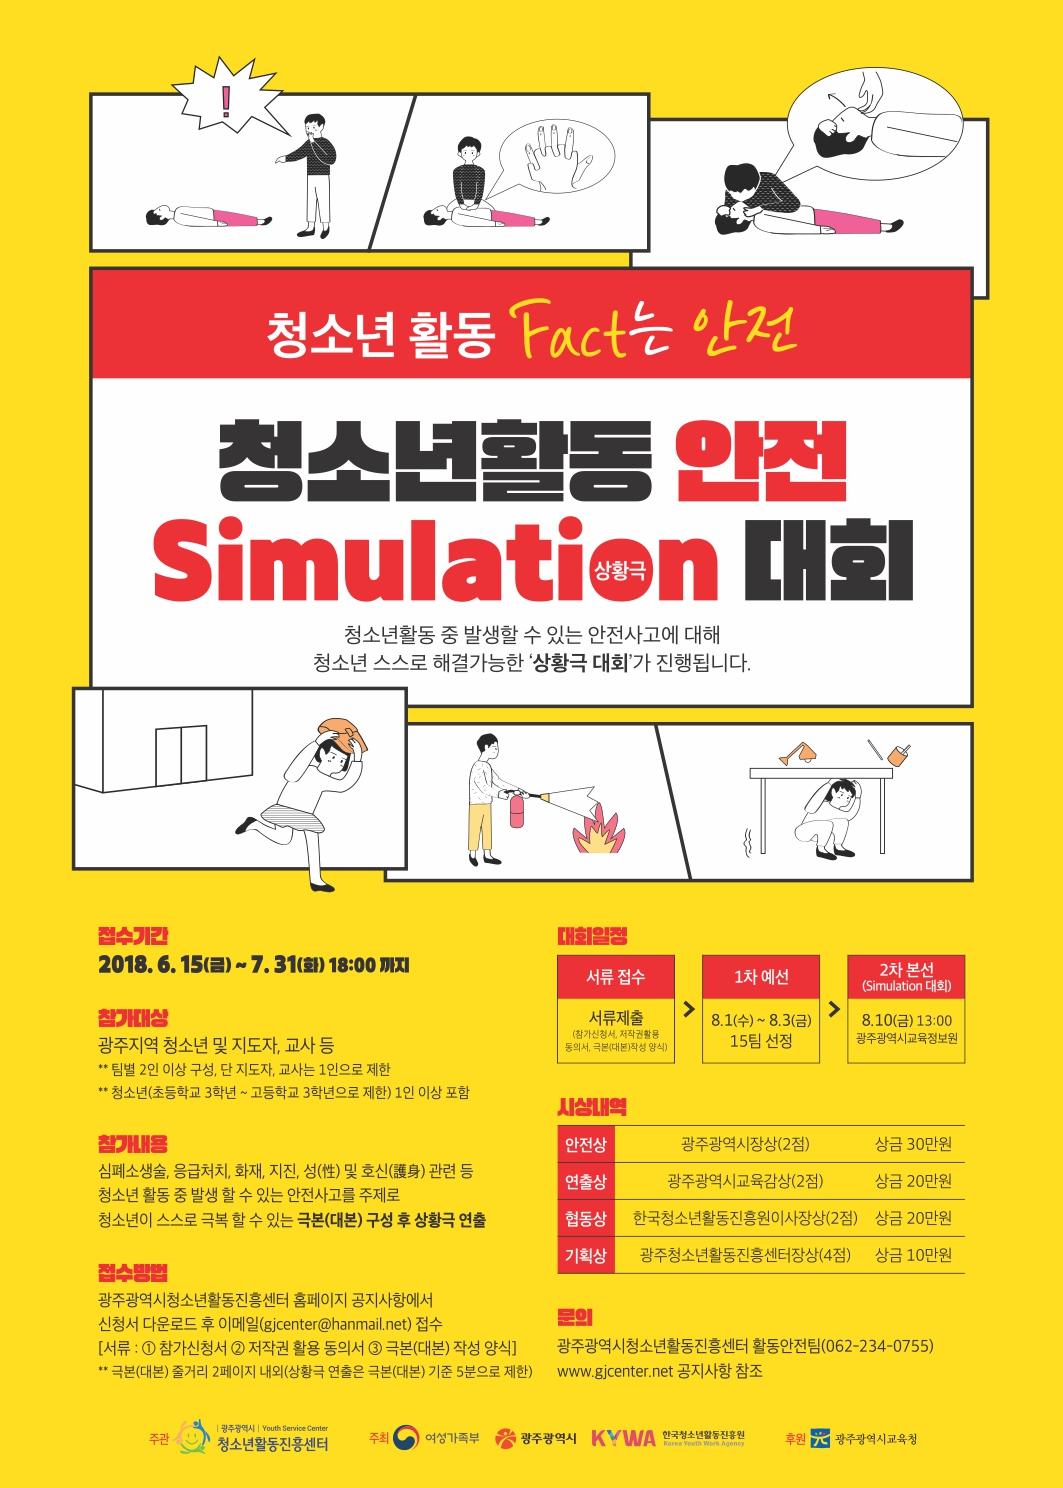 (붙임3)청소년활동 안전 Simulation 대회 포스터.jpg